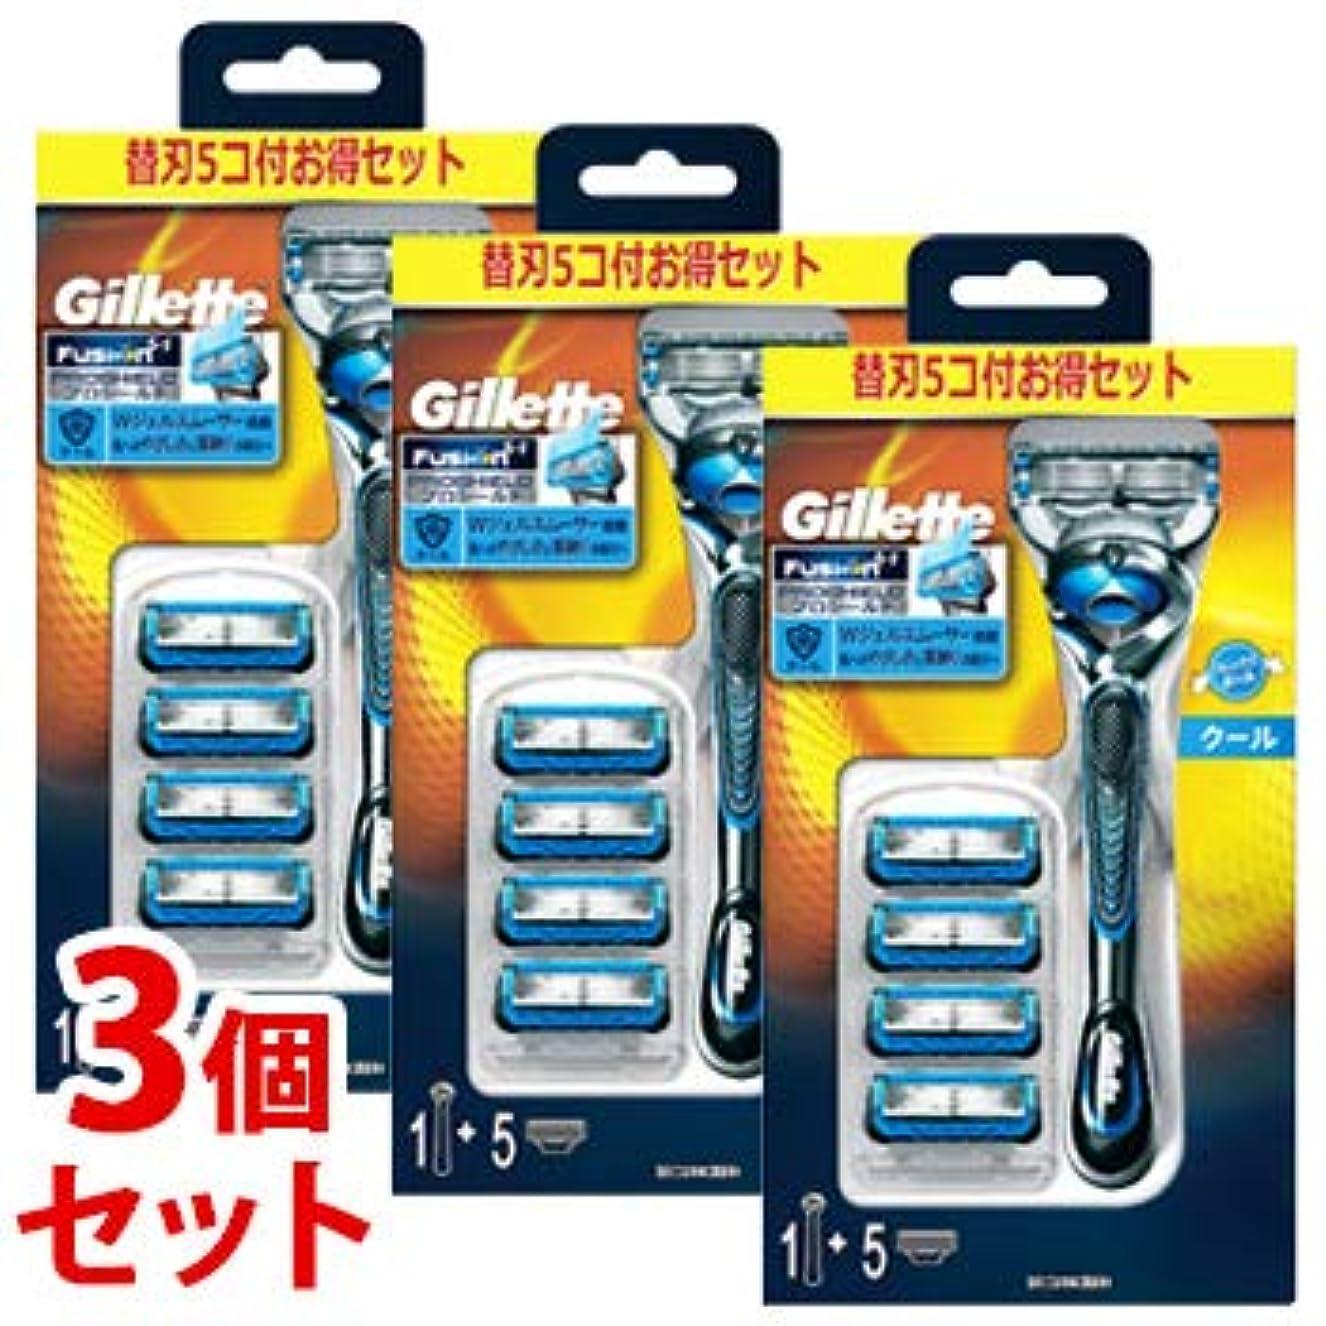 アブストラクトぴかぴか降ろす《セット販売》 P&G ジレット プロシールドクール 4B ホルダー付 (替刃5個付)×3個セット